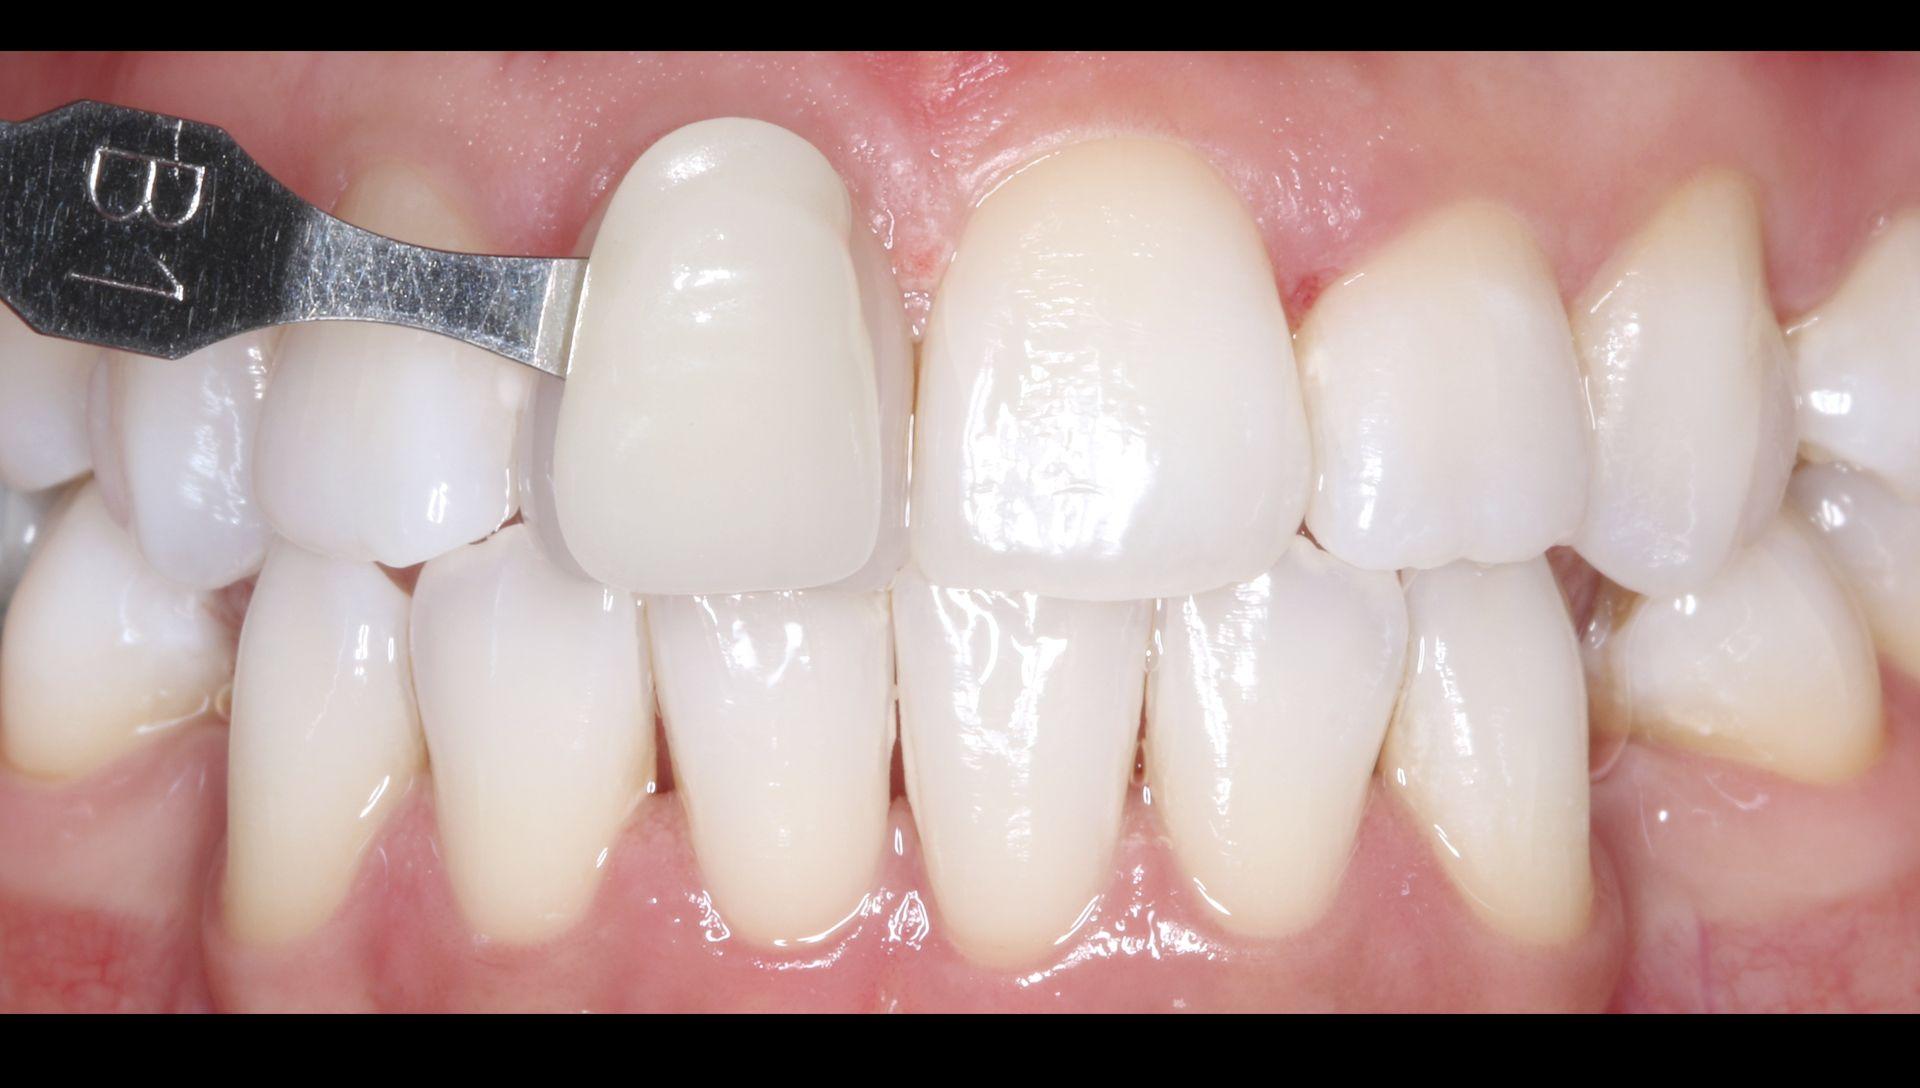 Después del tratamiento de estética blanqueamiento dental. Clínica dental Padrós, dentista en Barcelona